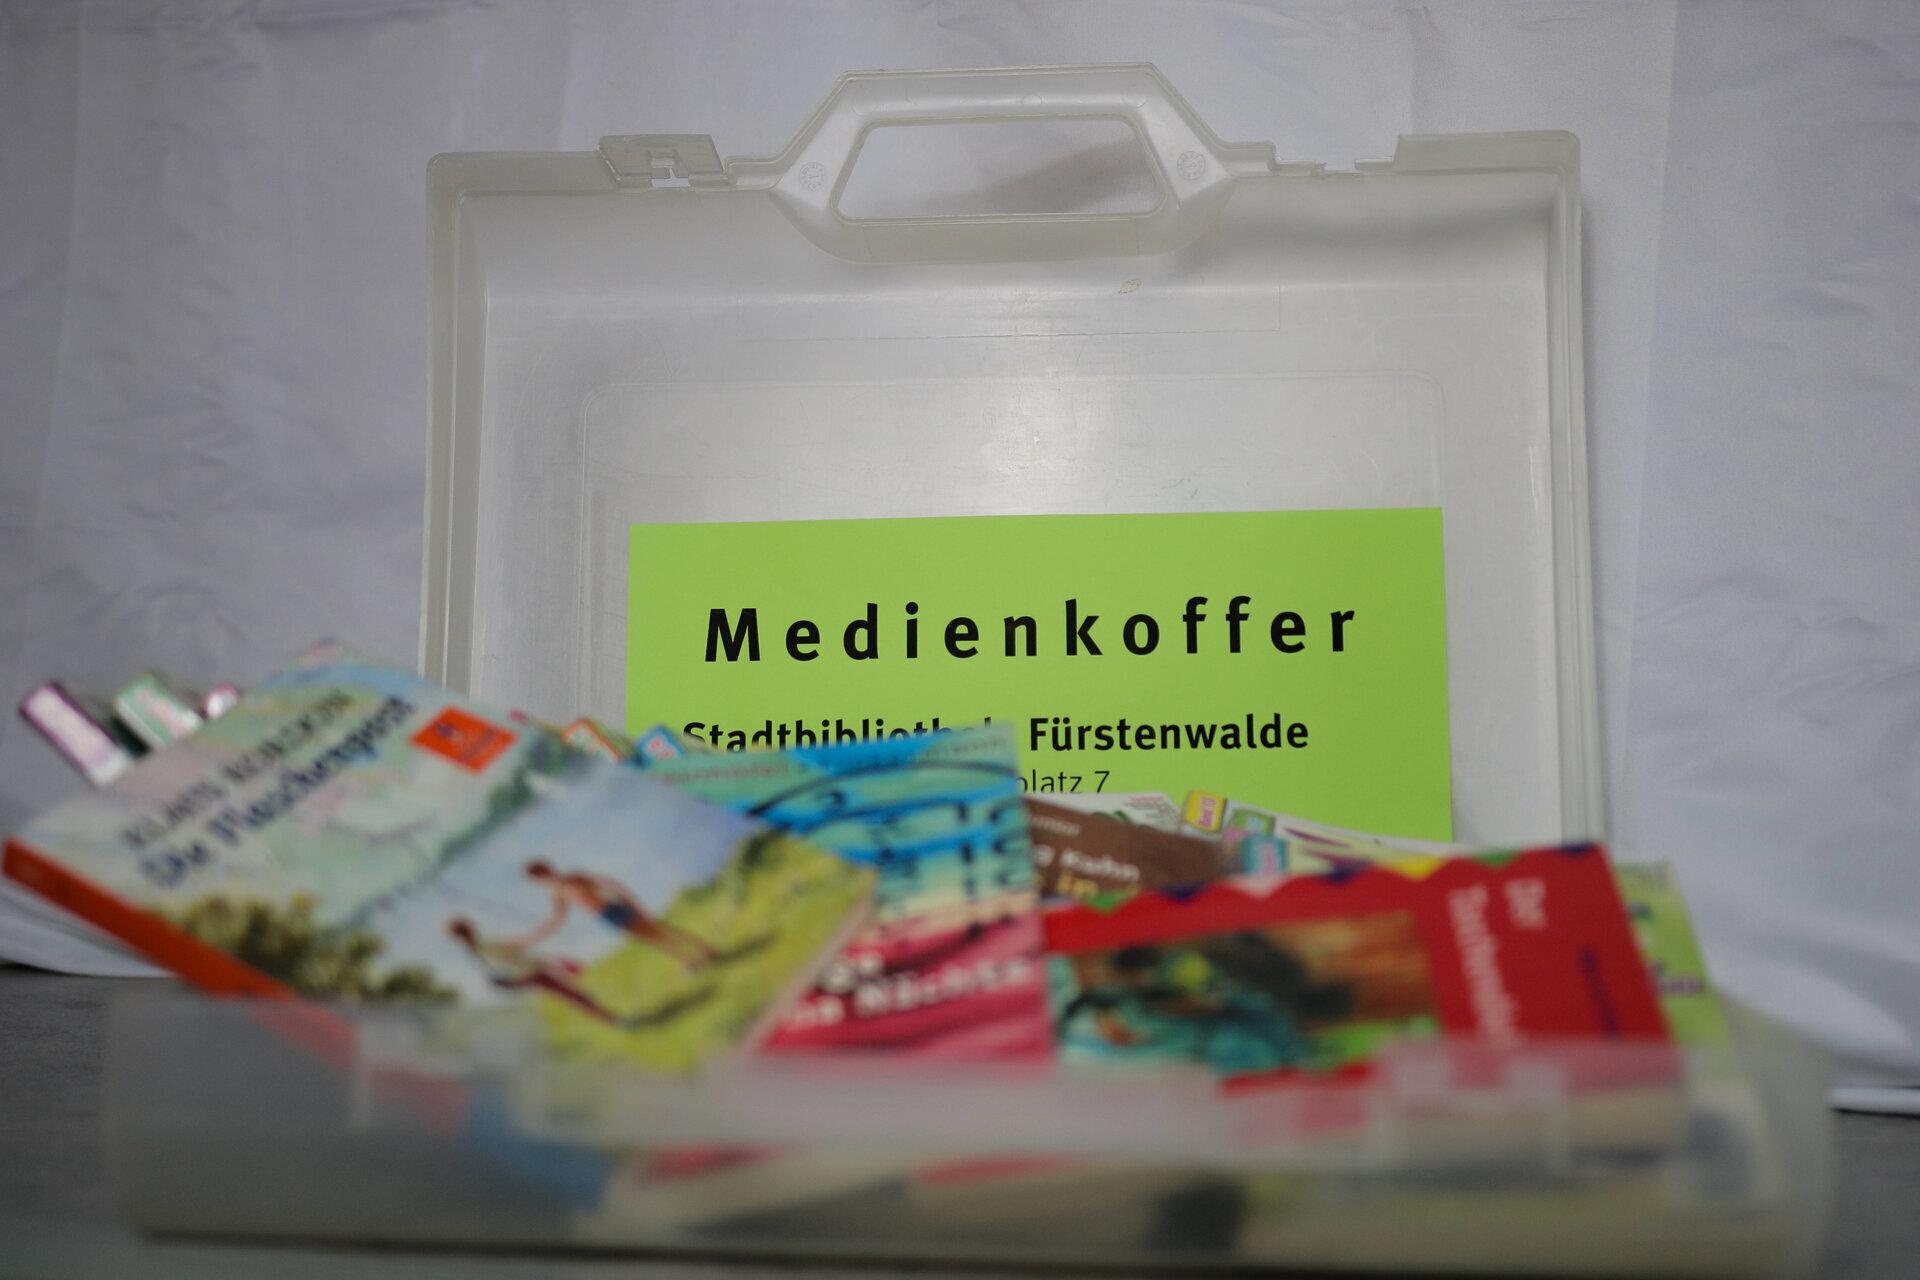 Medienkoffer